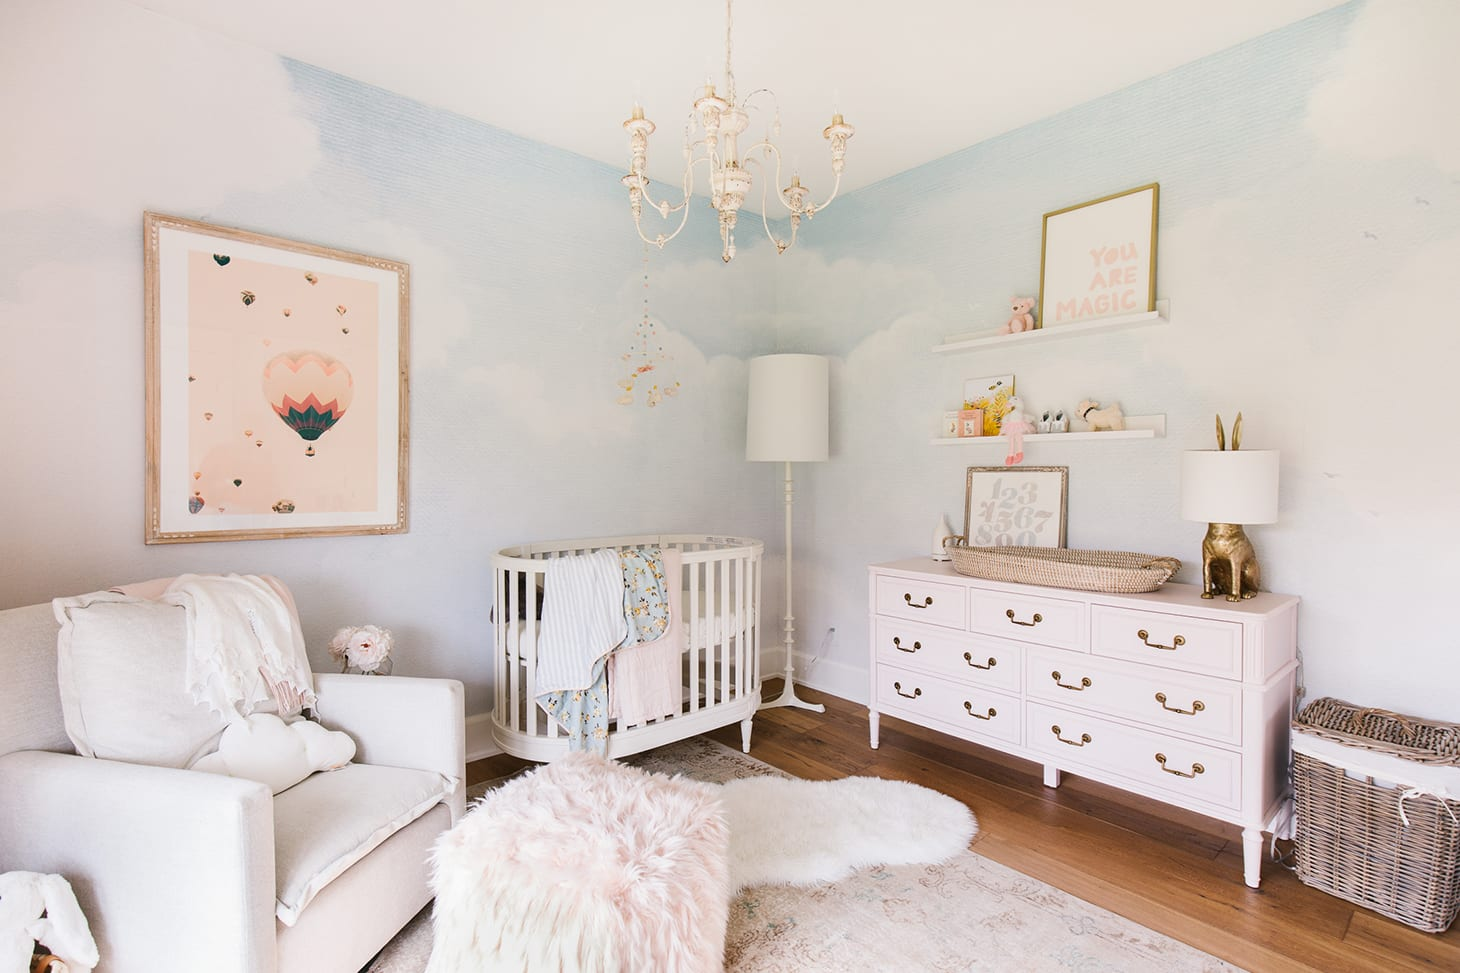 Annie's Nursery Reveal